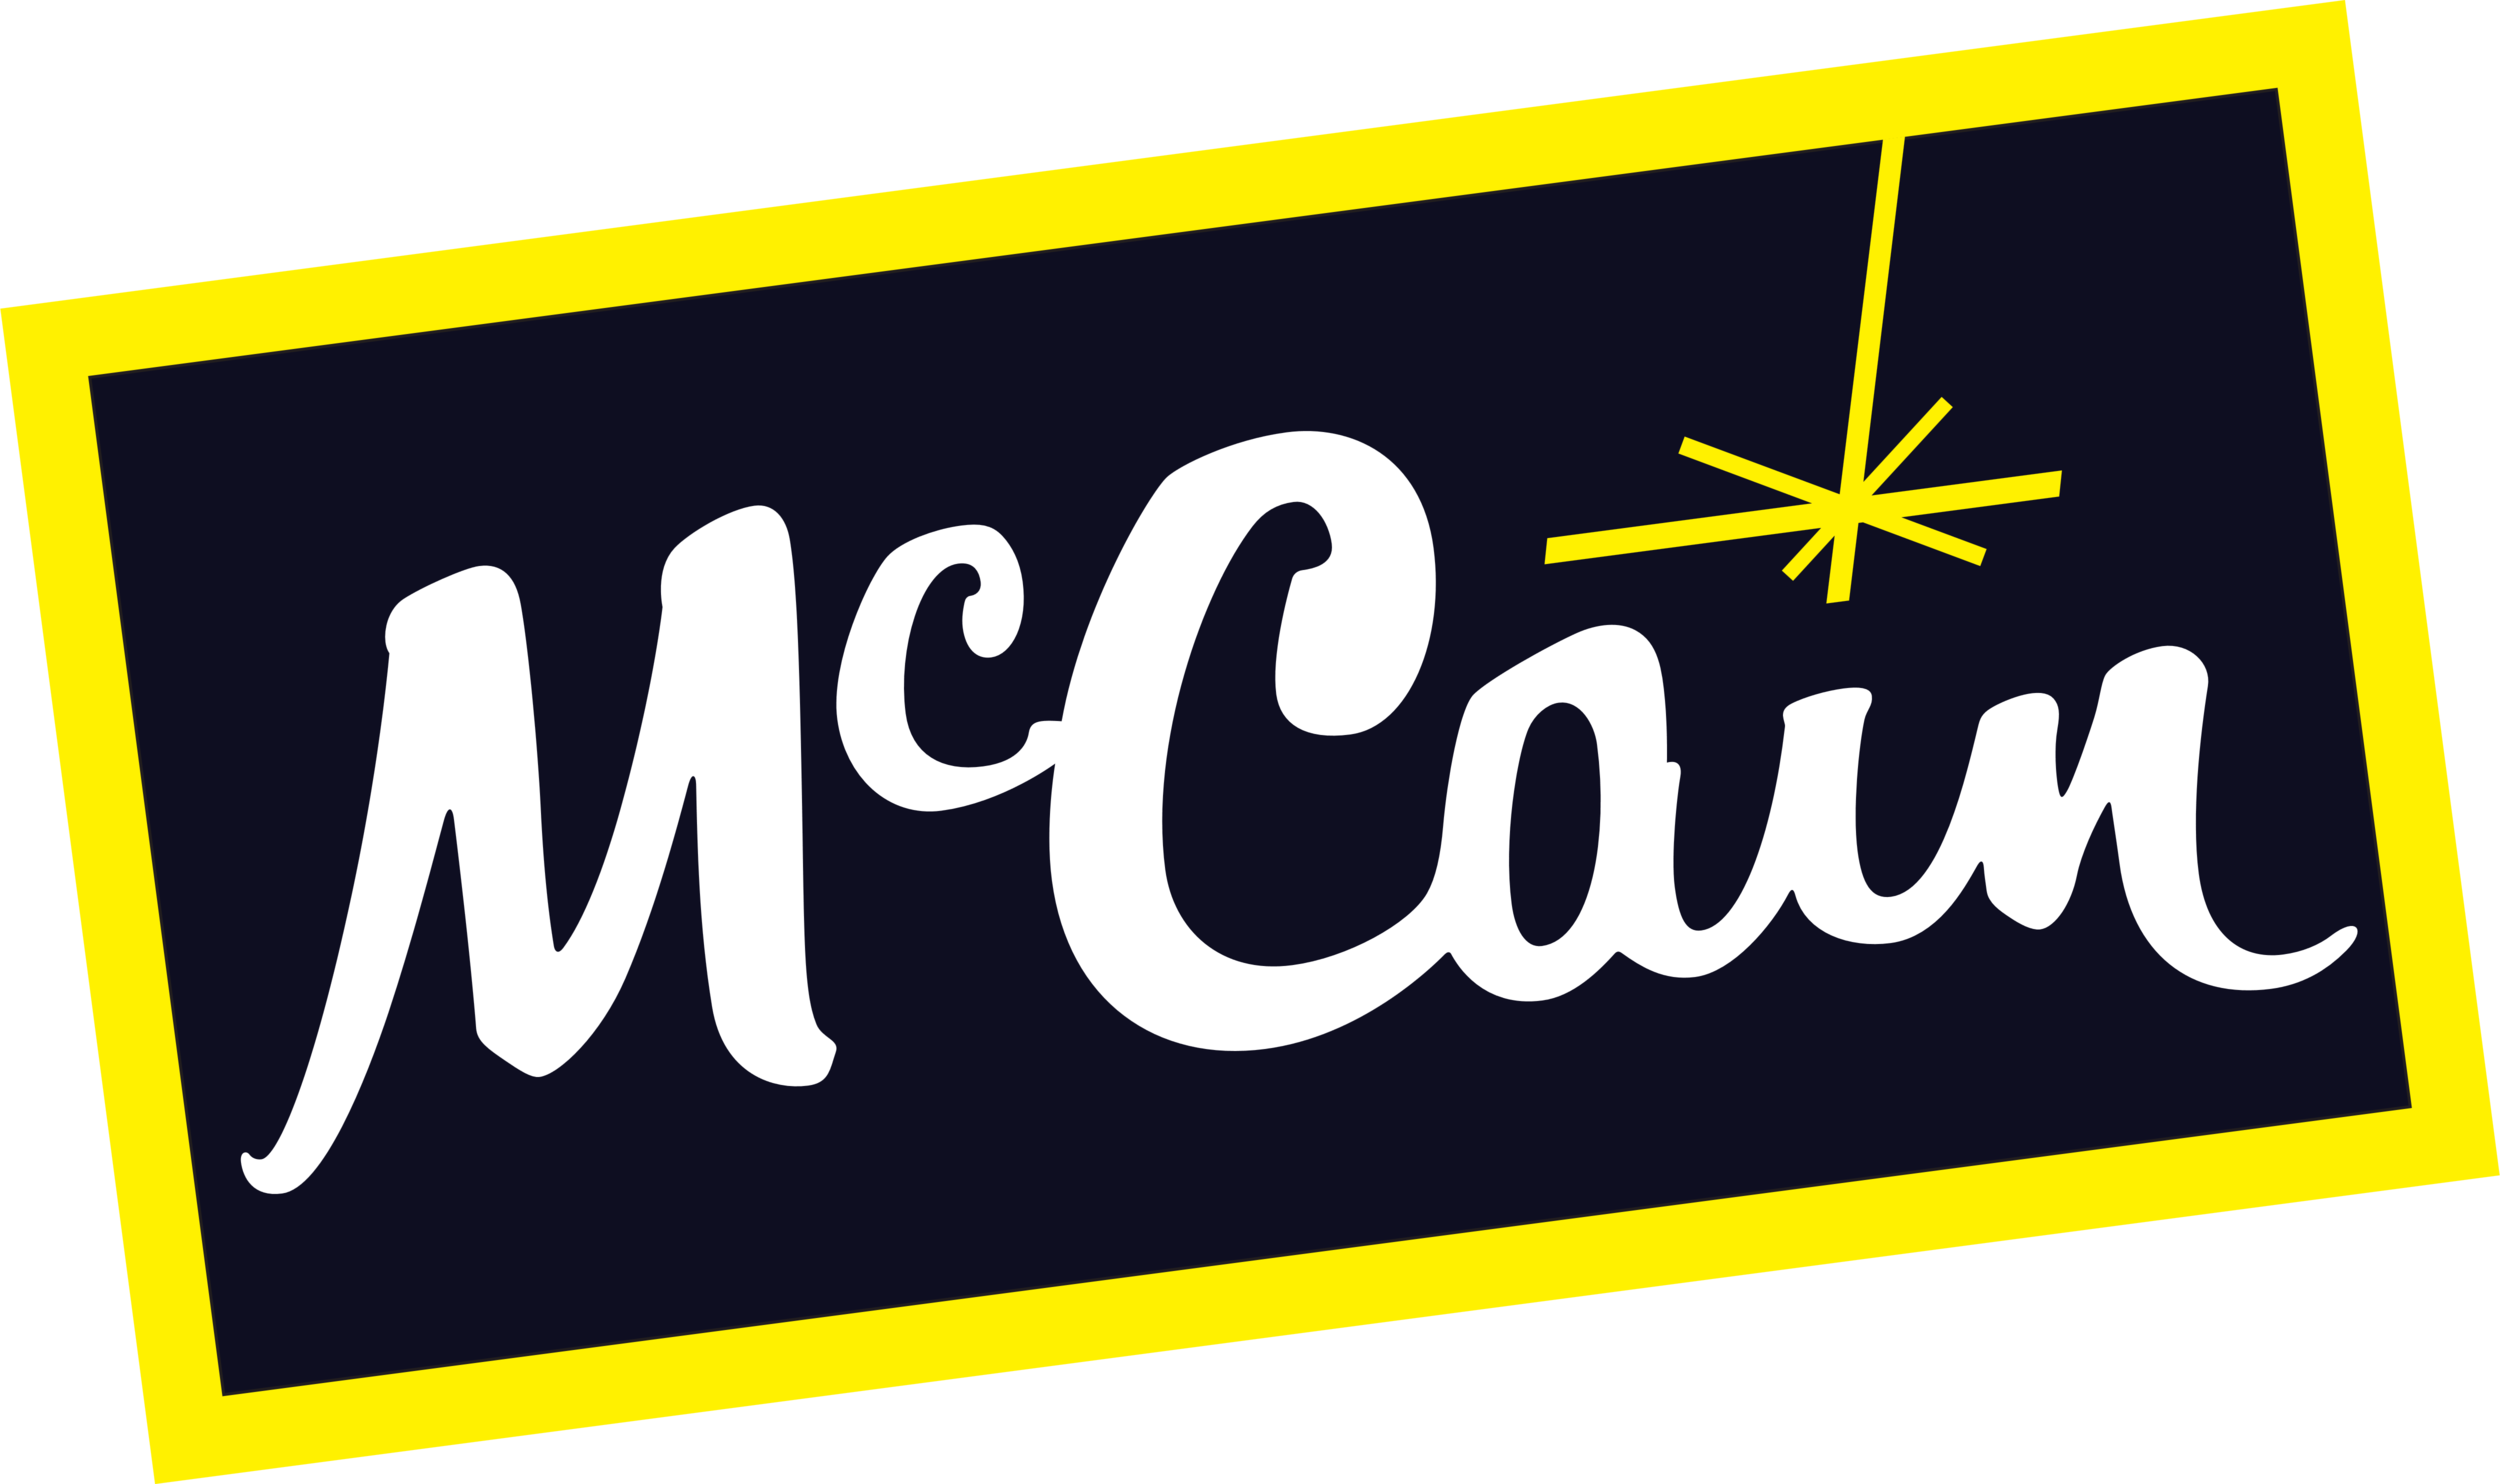 McCain_logo_logotype_international.png